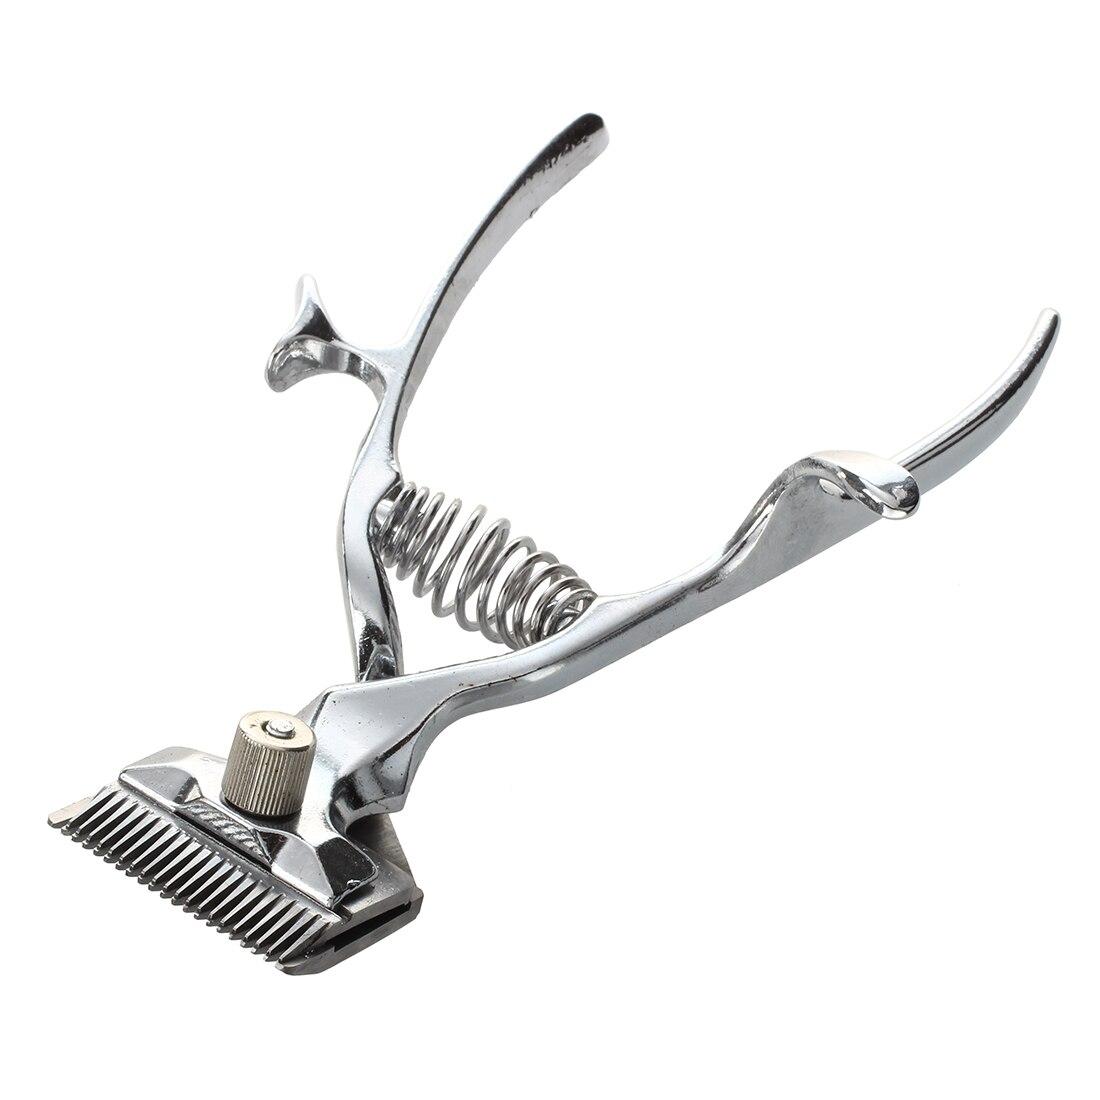 1e46c838e Cortadores para Cabelo manual de cortar cabelo cortador Tamanho : 1x Hand  Clipper